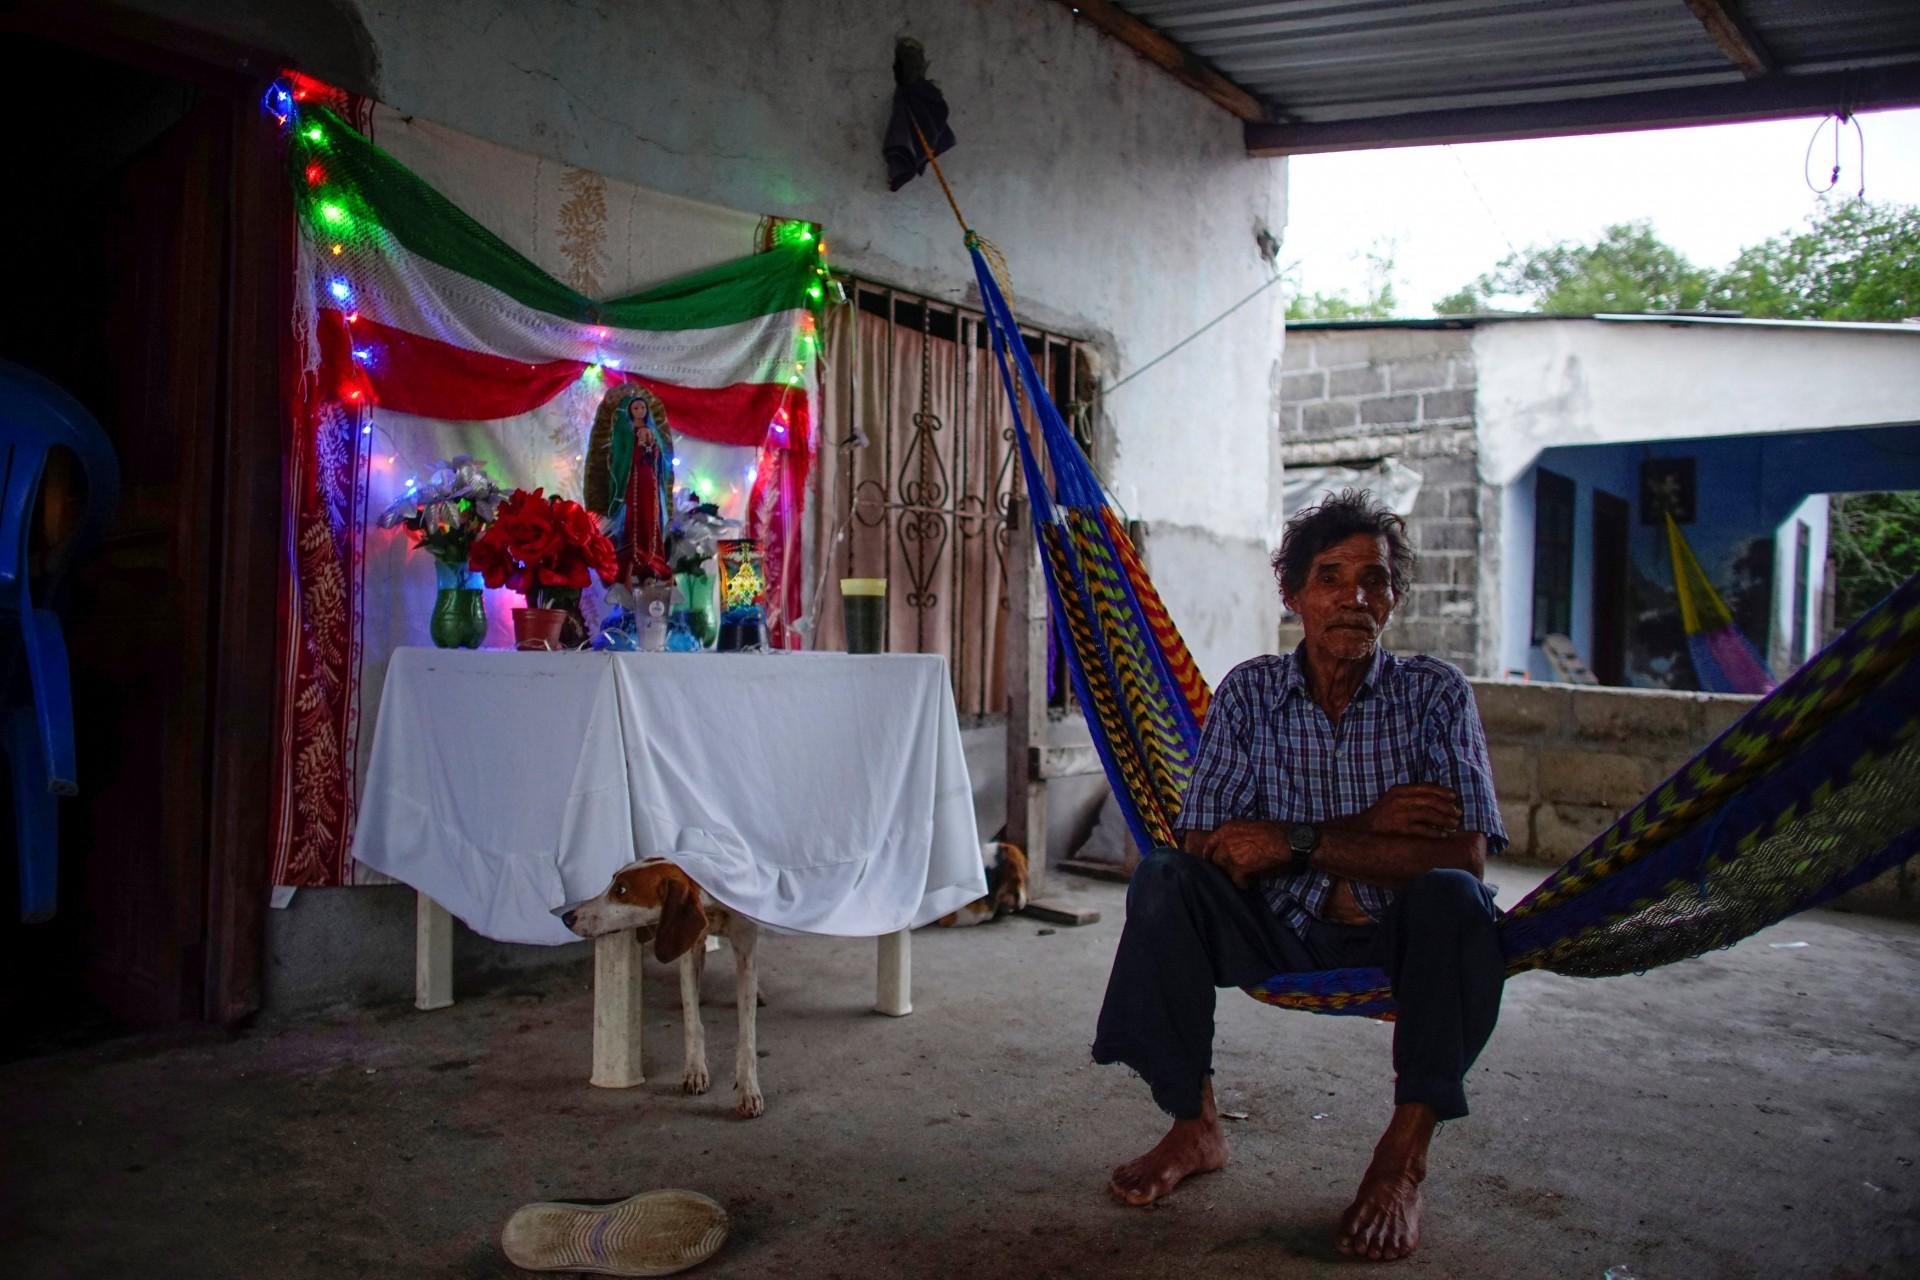 El pescador Humberto Campo, de 77 años, mira la cámara mientras se sienta en su porche en la aldea de Chiltepec, en Paraiso, México, el 9 de diciembre de 2018.